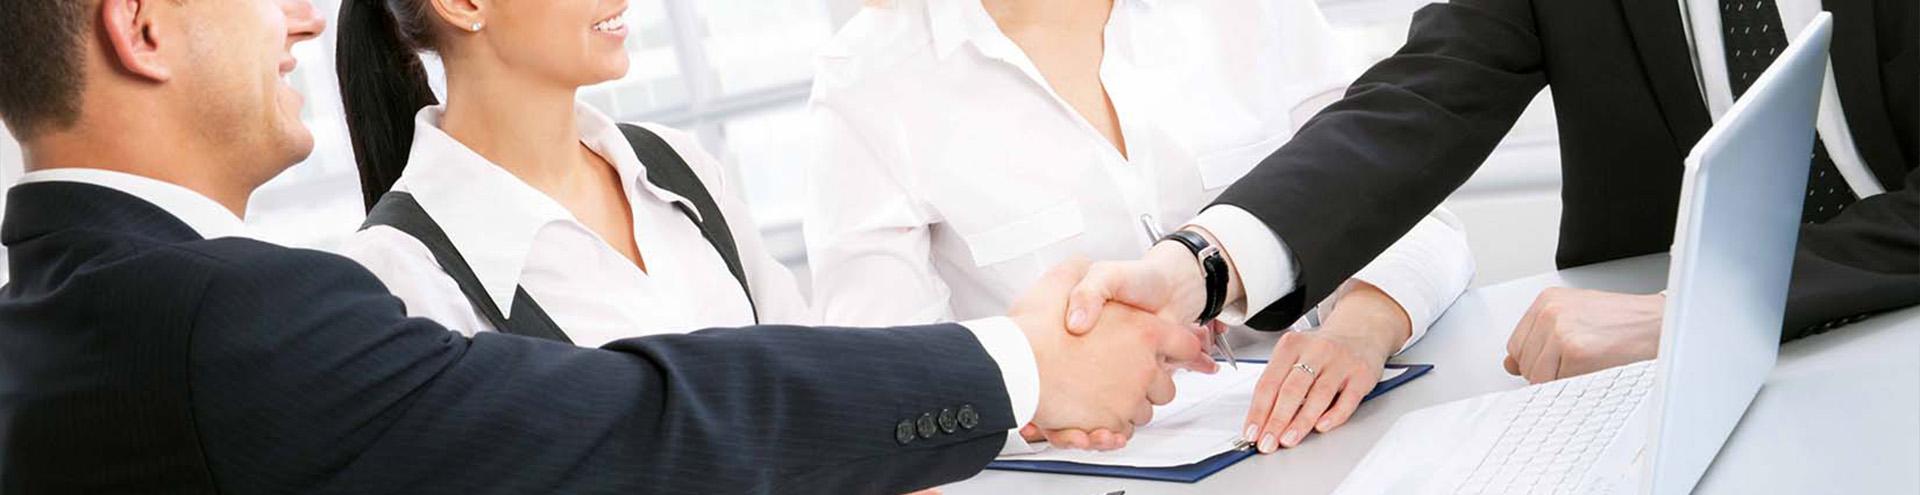 юридическое обслуживание физических лиц в Краснодаре и Краснодарском крае